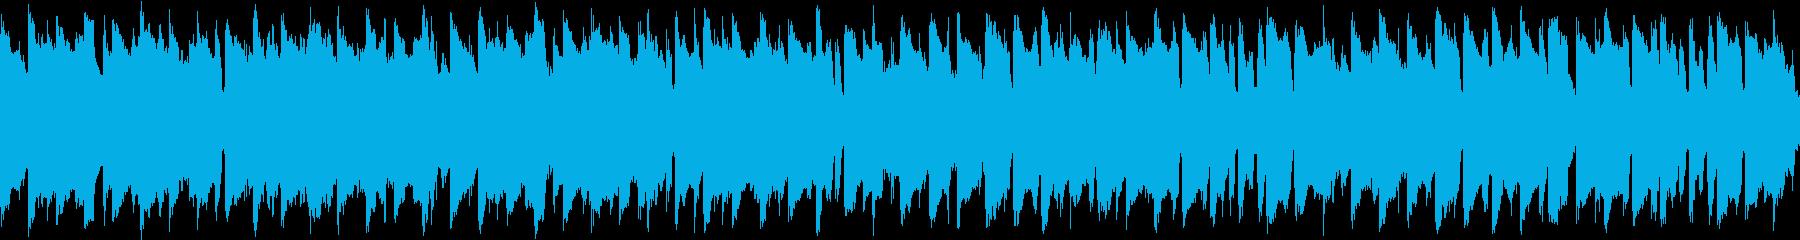 マップ画面・農園村ループ・ピアノ笛太鼓の再生済みの波形